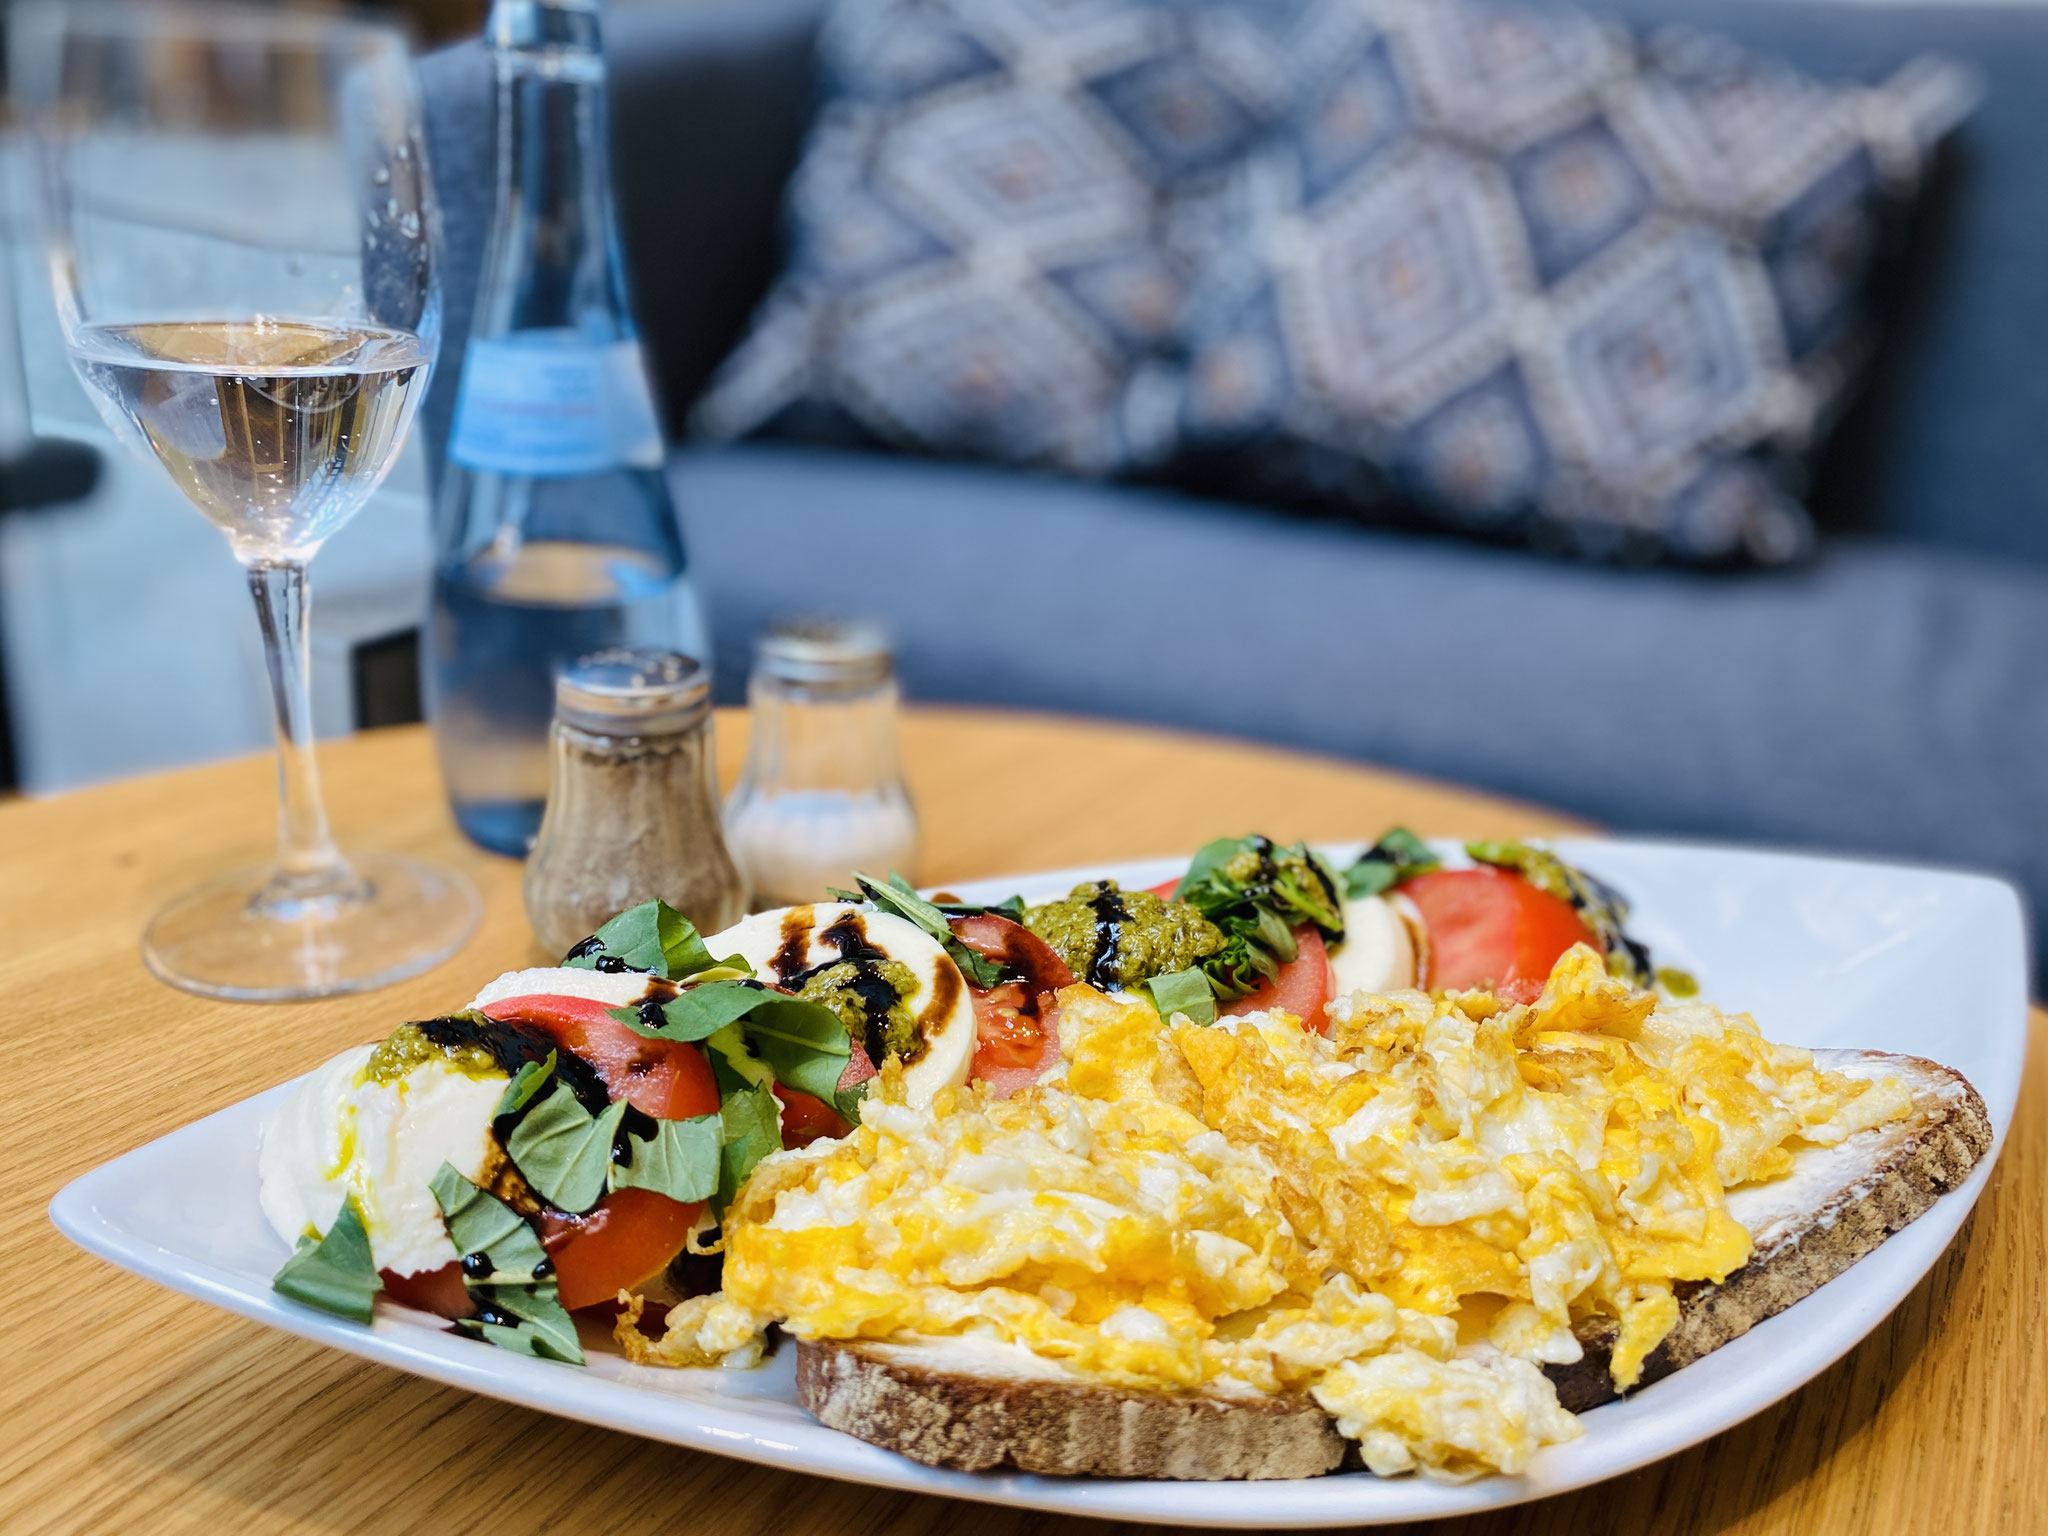 Unser Frischkäsebrot mit Rührei und Tomate-Mozzarella zum Mittagstisch. Sehr beliebt und fein.